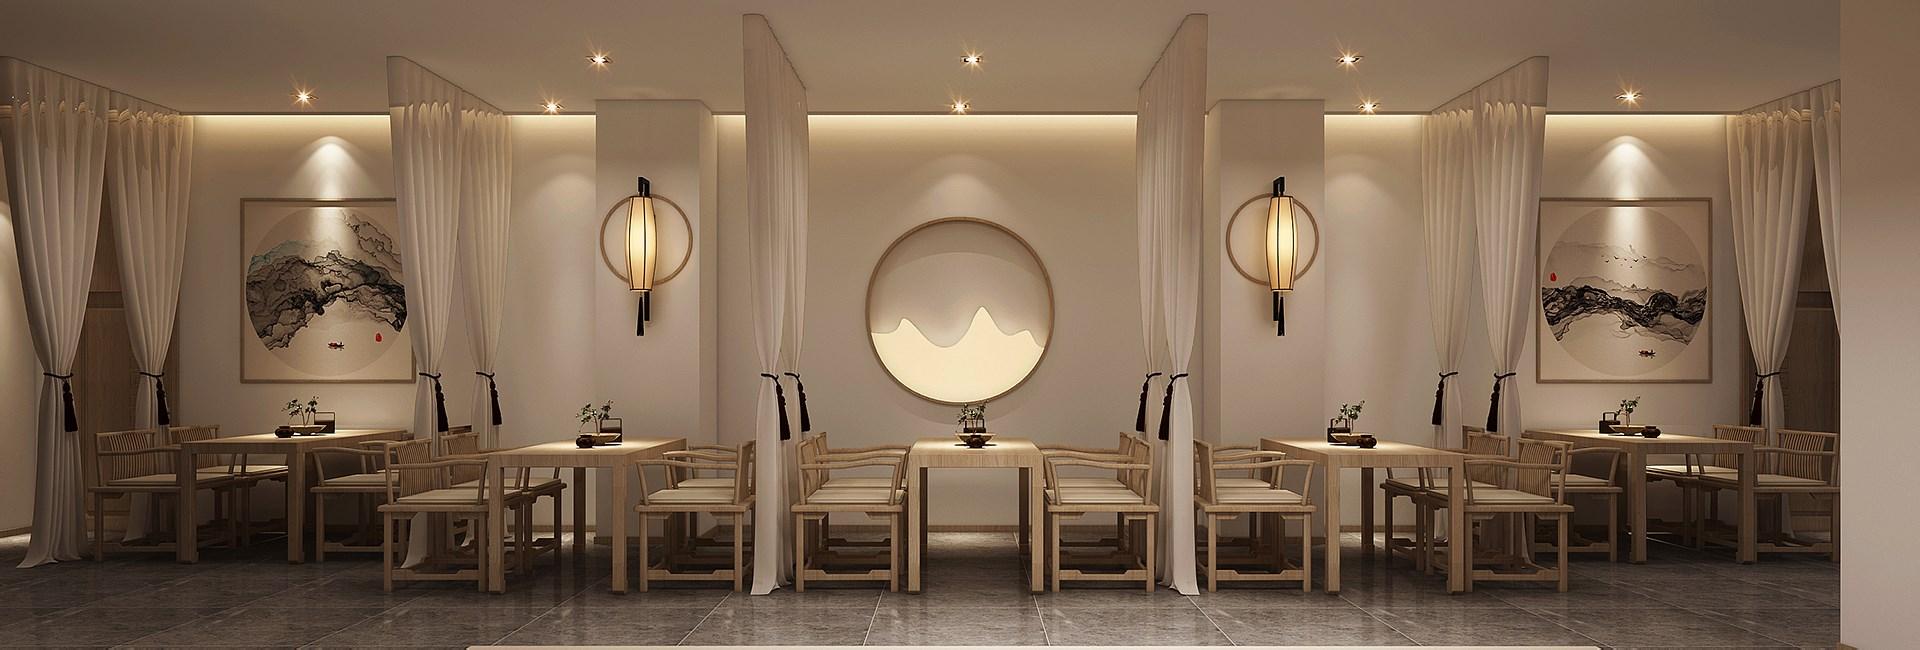 室内装饰整体设计团队、办公室装修商业空间施工项目、主材代理、软装设计、智能化配套等服务